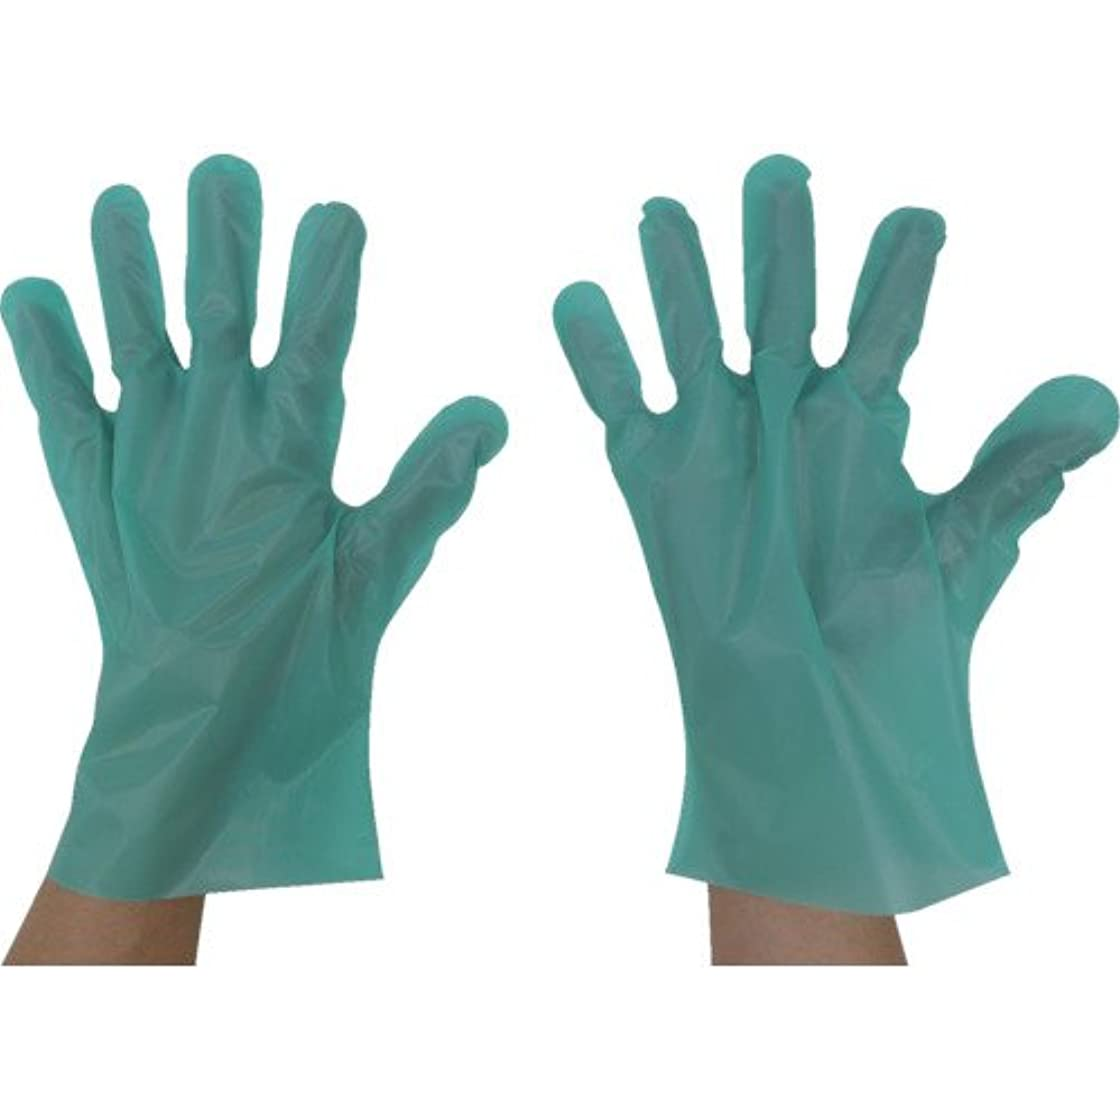 シェード一月イサカ東京パック エンボス手袋五本絞りエコノミー化粧箱S グリーン GEK-S